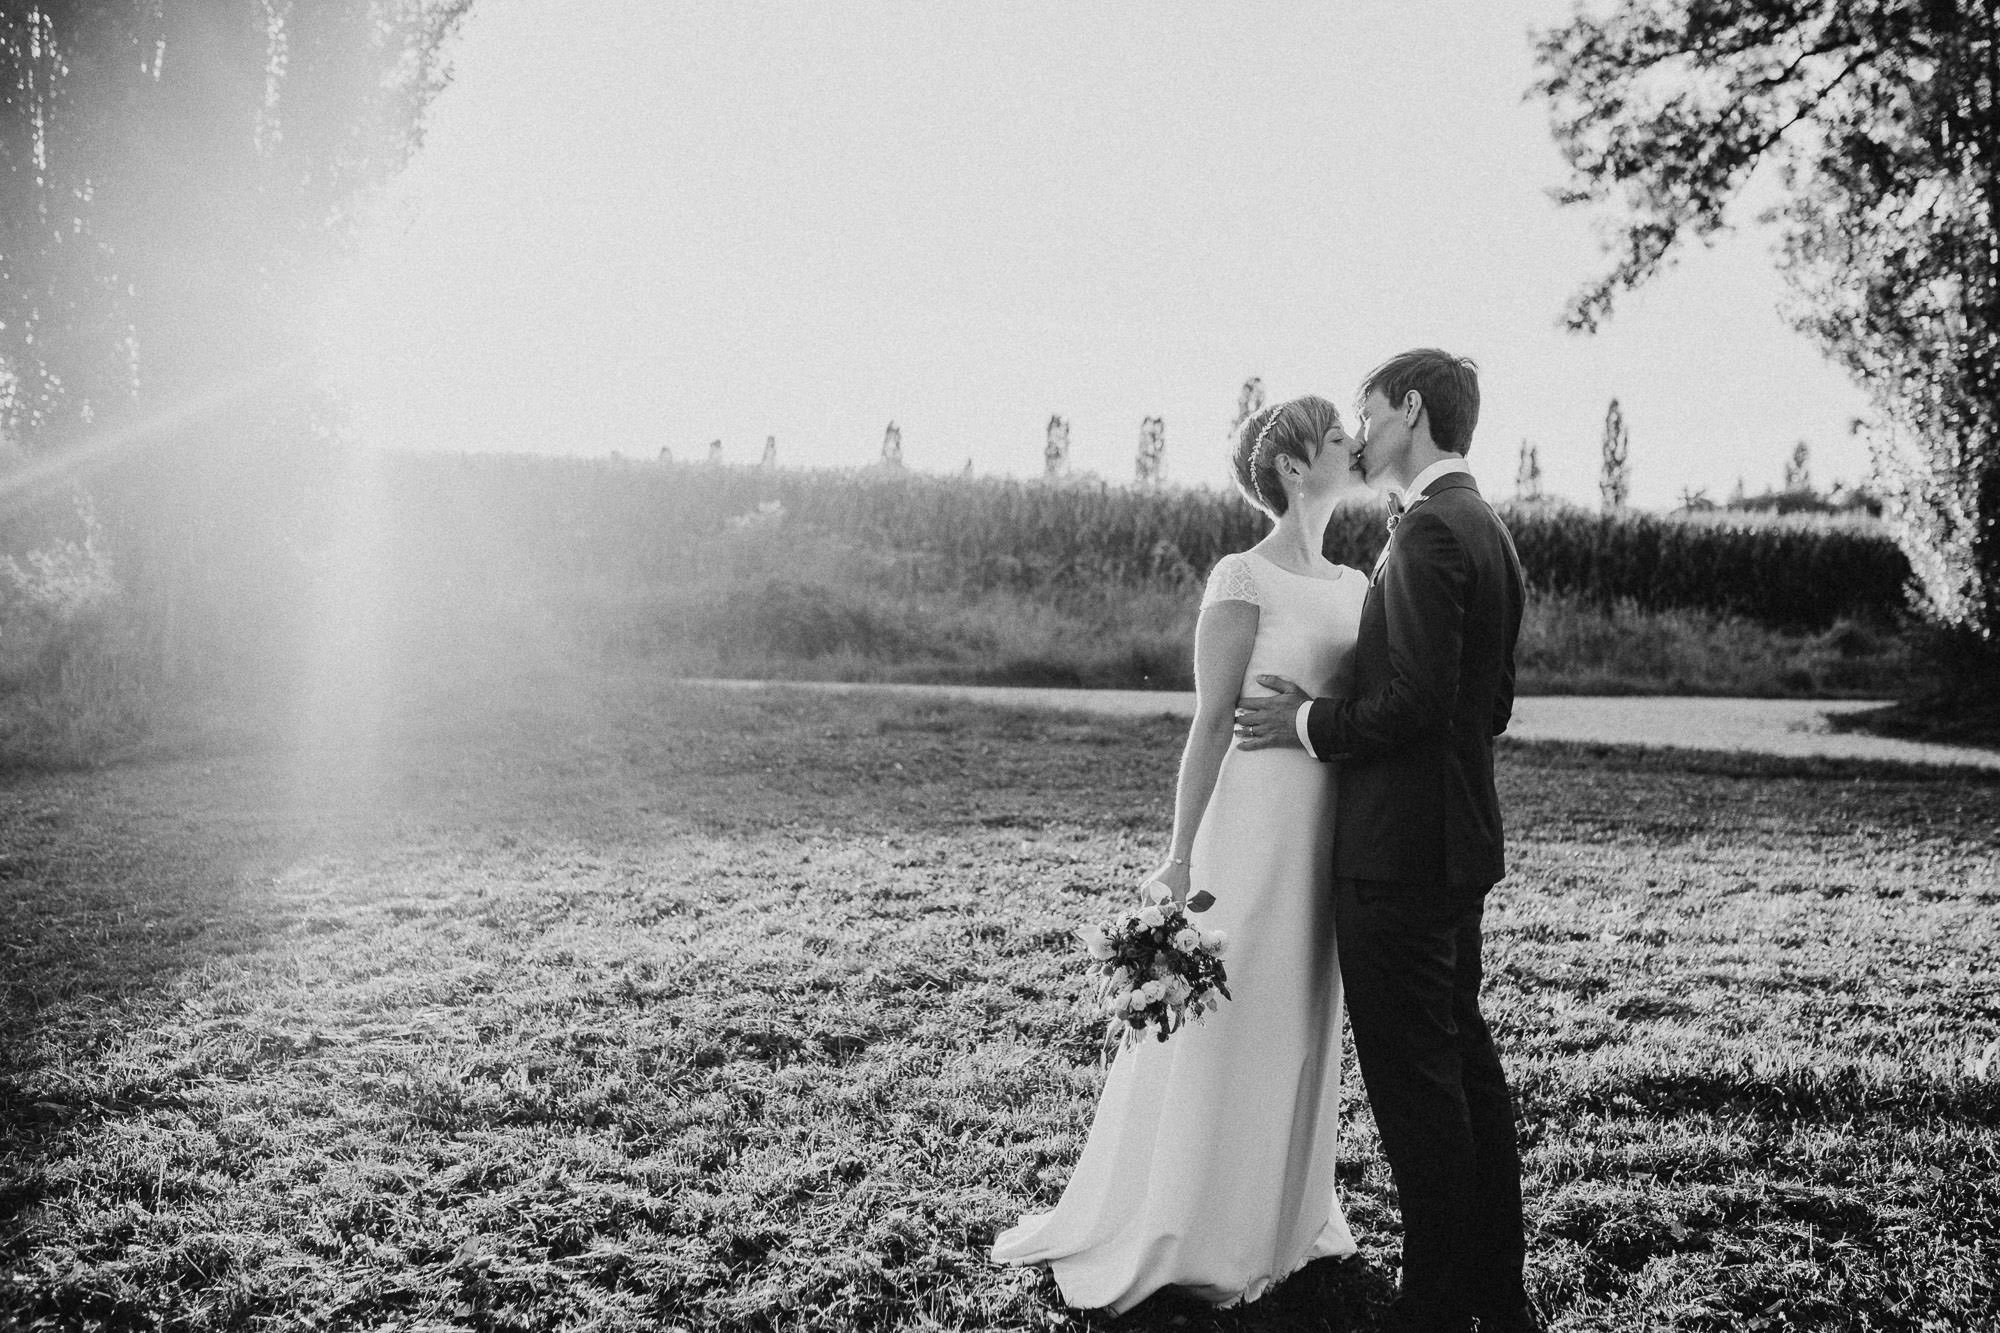 greenery-wedding-hochzeit-prielhof-sukkulenten-scheyern-lauraelenaphotography-083